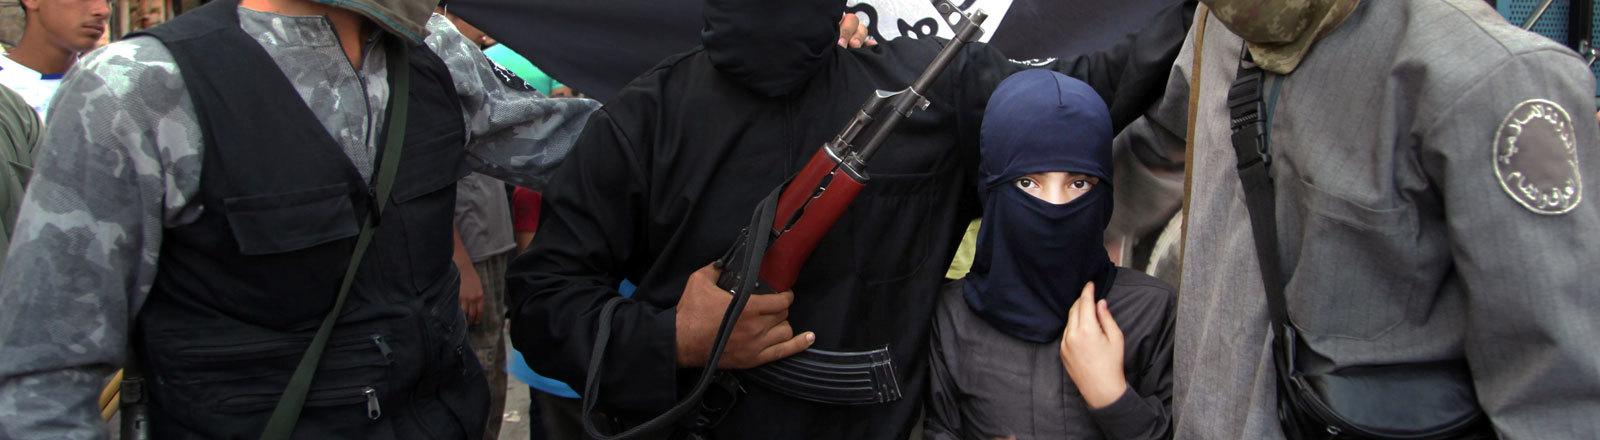 Mitglieder der Terrorgruppierung Islamischer Staat